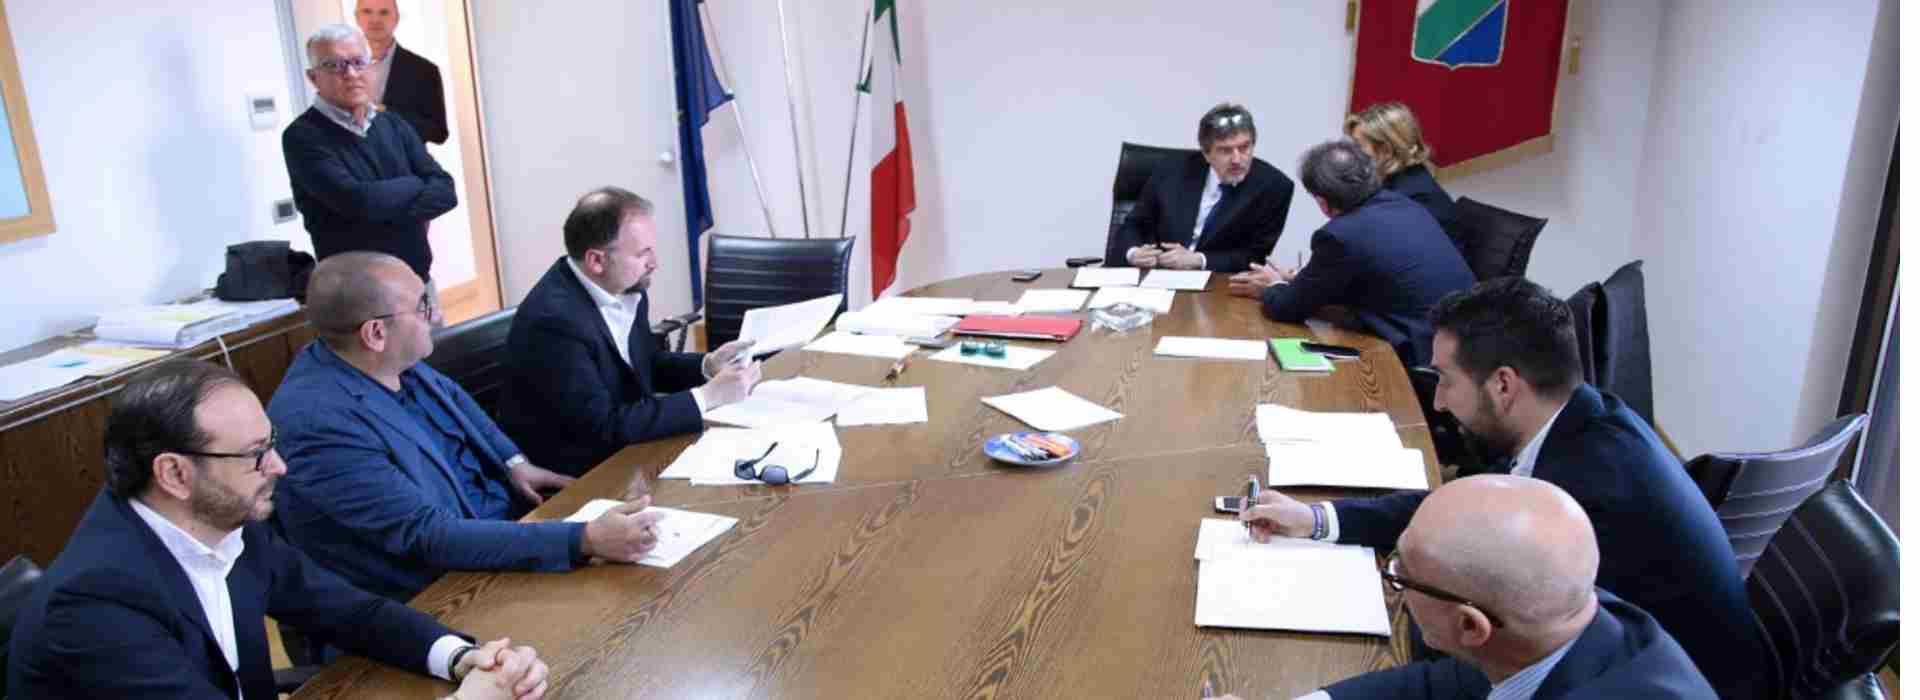 Caos Covid Regione Abruzzo: il governatore, la zona rossa e le imprese al collasso